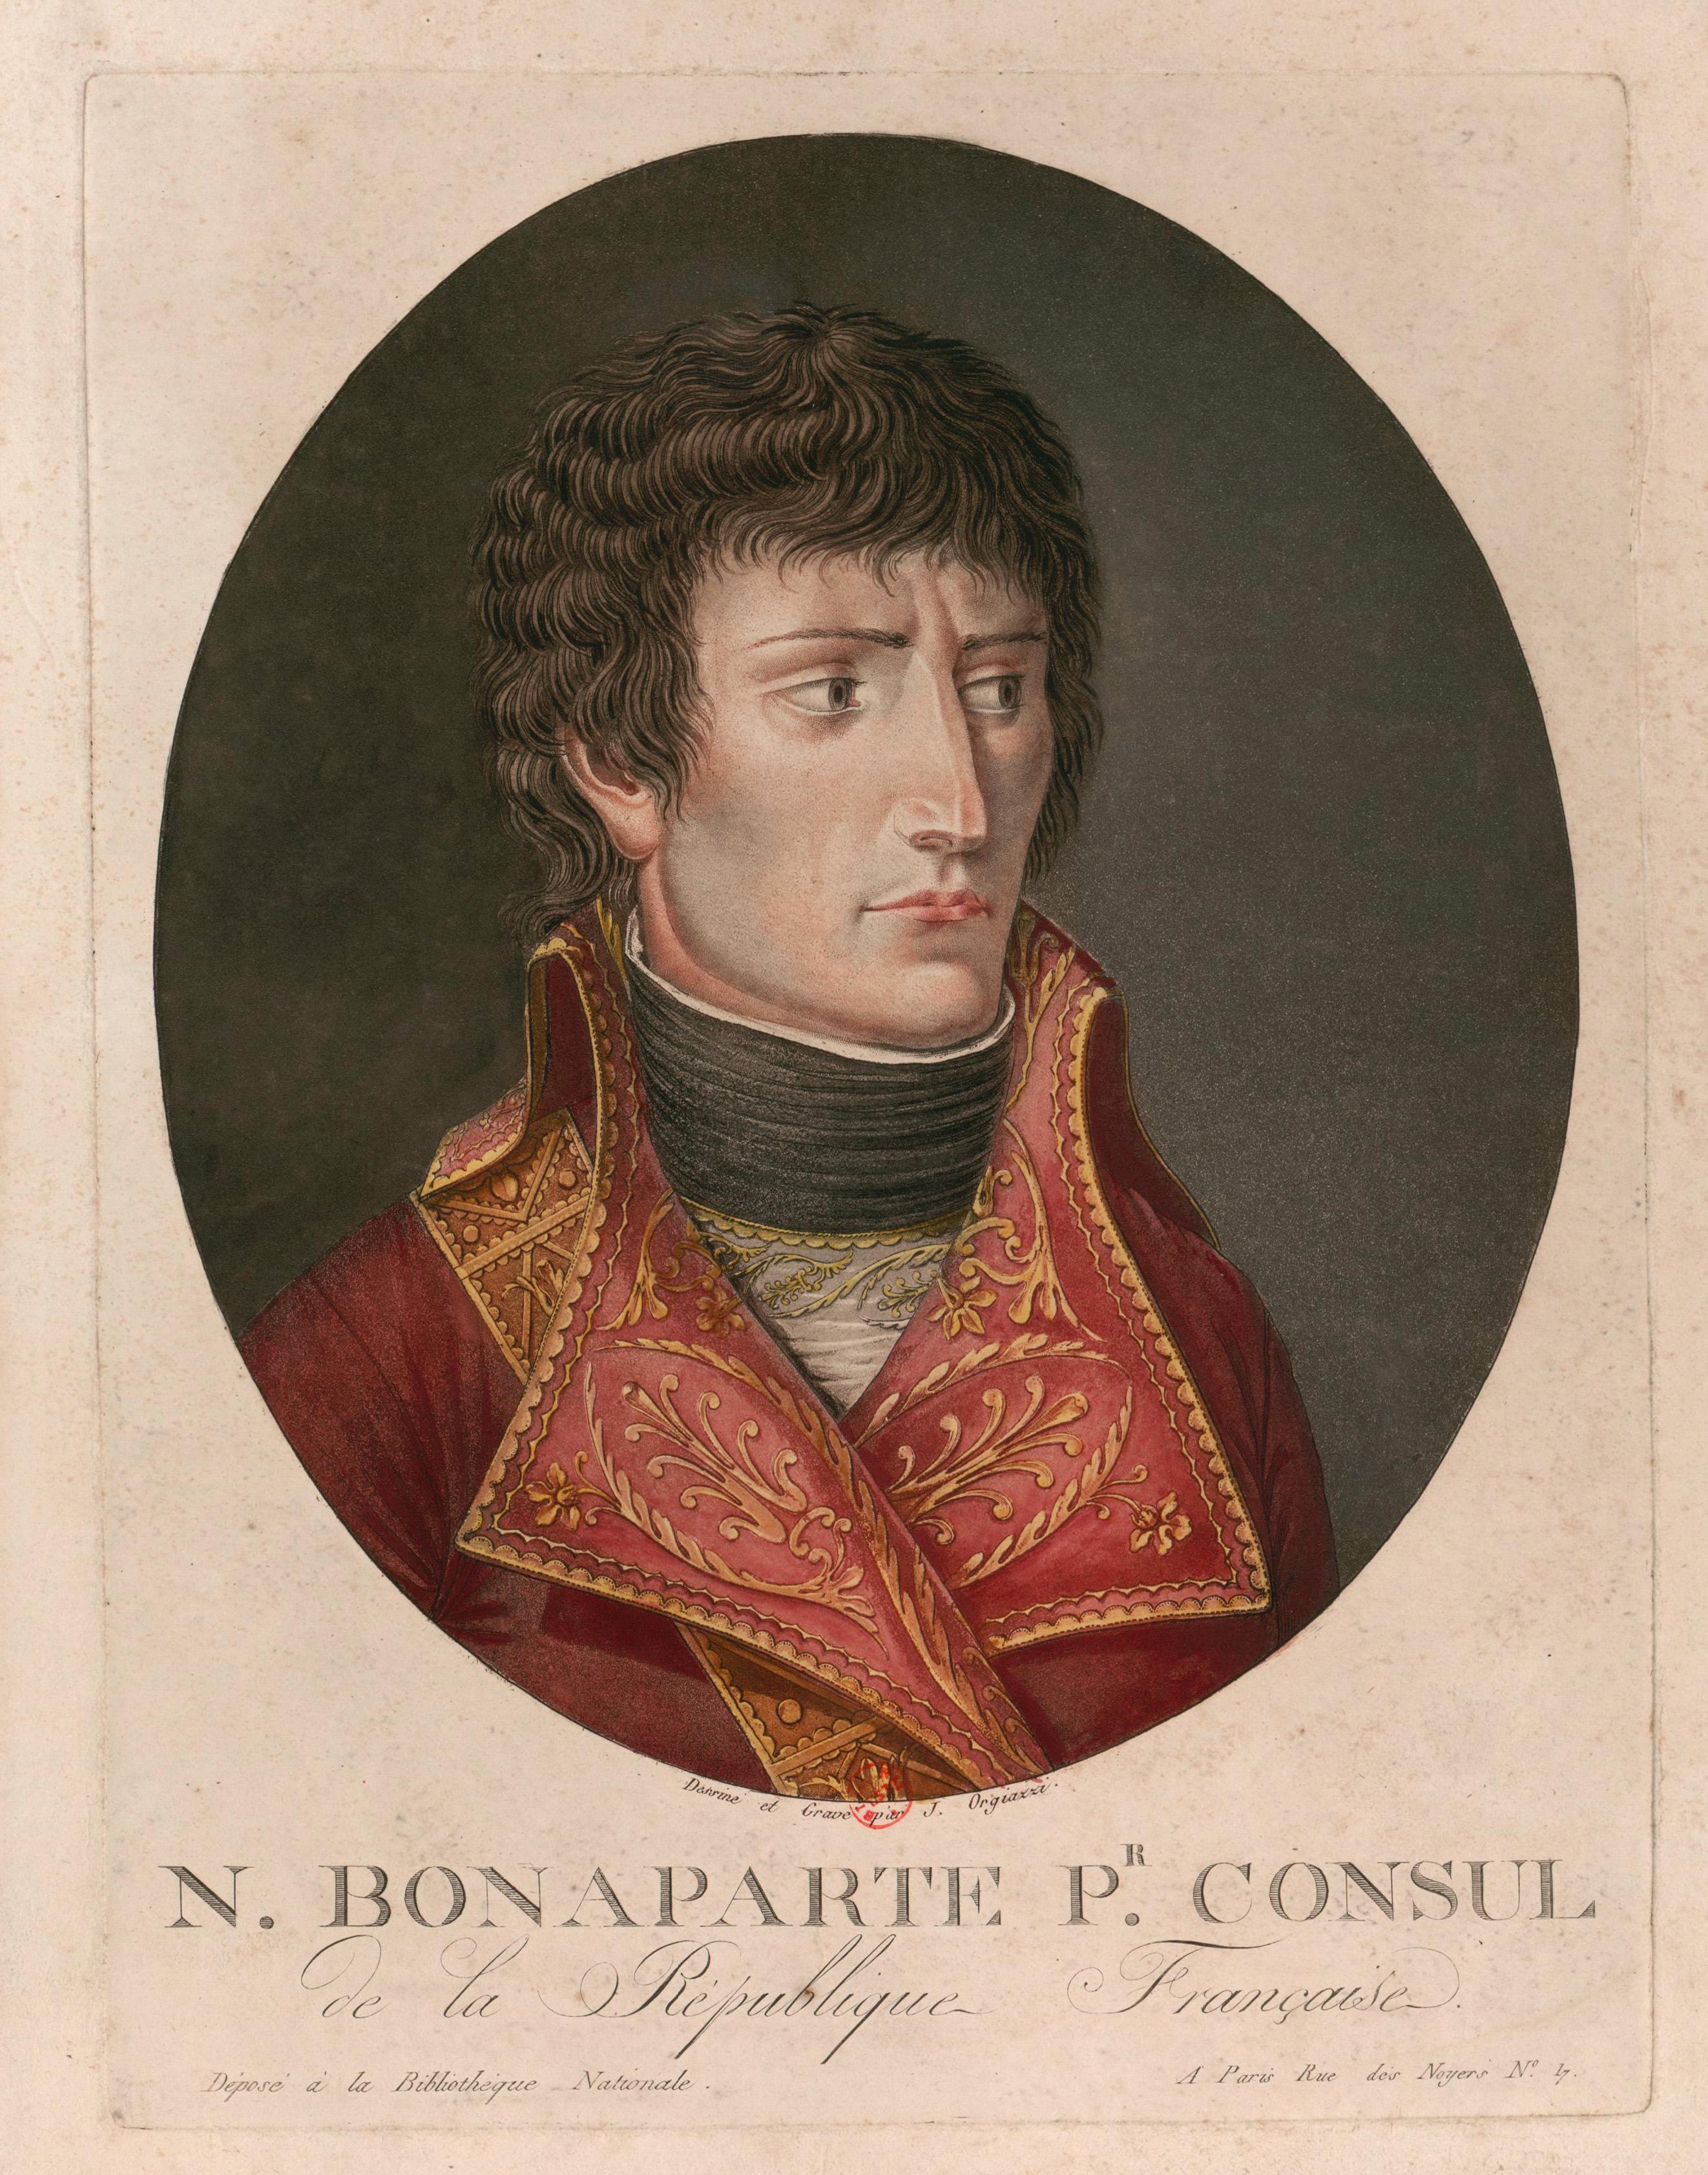 """""""N. Bonaparte, premier consul de la République française"""", par J. Alexis Orgiazzi"""